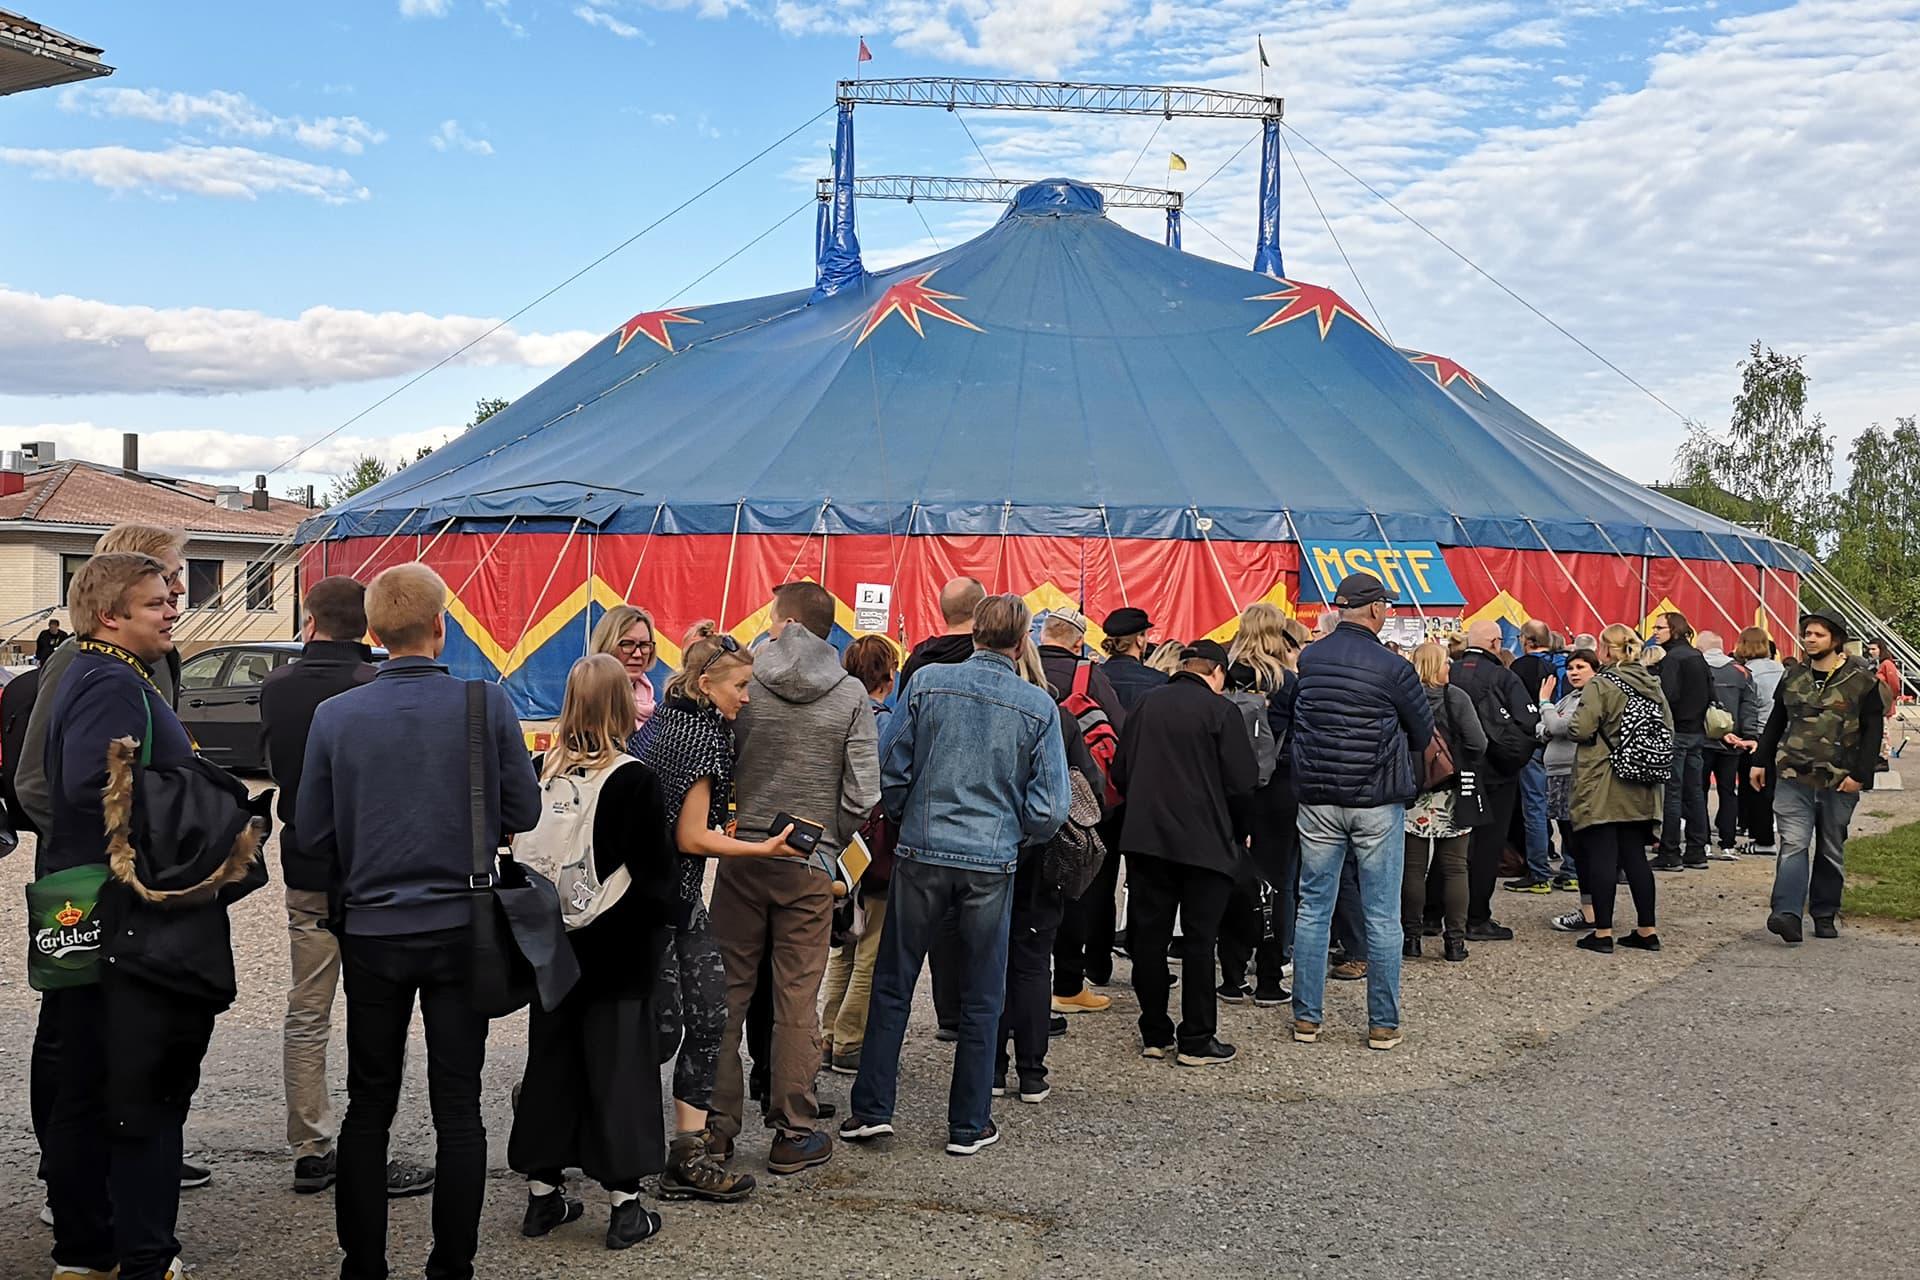 Ihmiset jonottavat Sodankylän elokuvajuhlilla isoon telttaan elokuvanäytökseen.